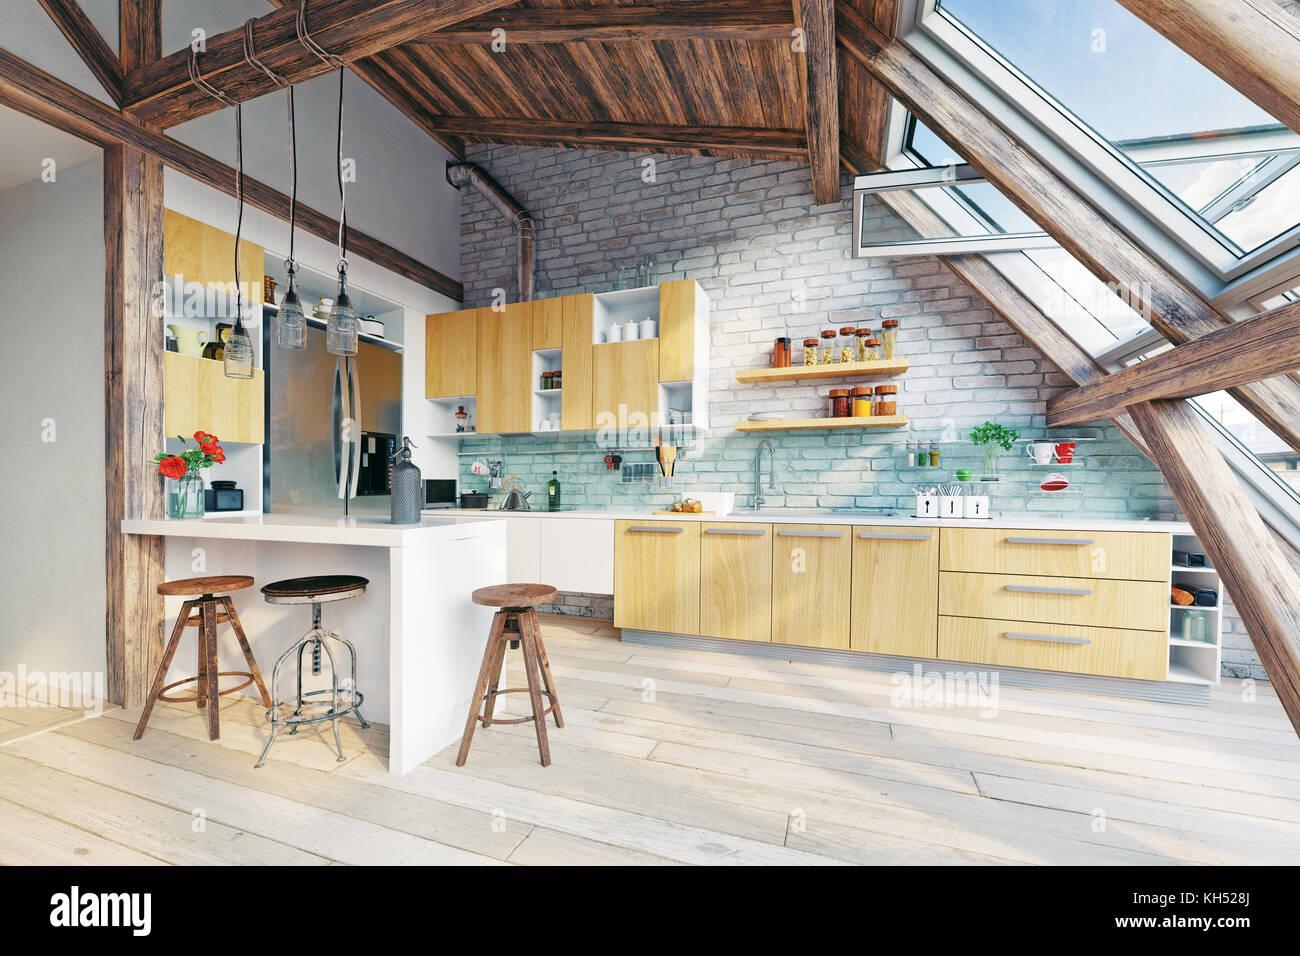 Dachgeschoss Küche | Moderne Dachgeschoss Kuche Interieur 3d Rendering Konzept Stockfoto